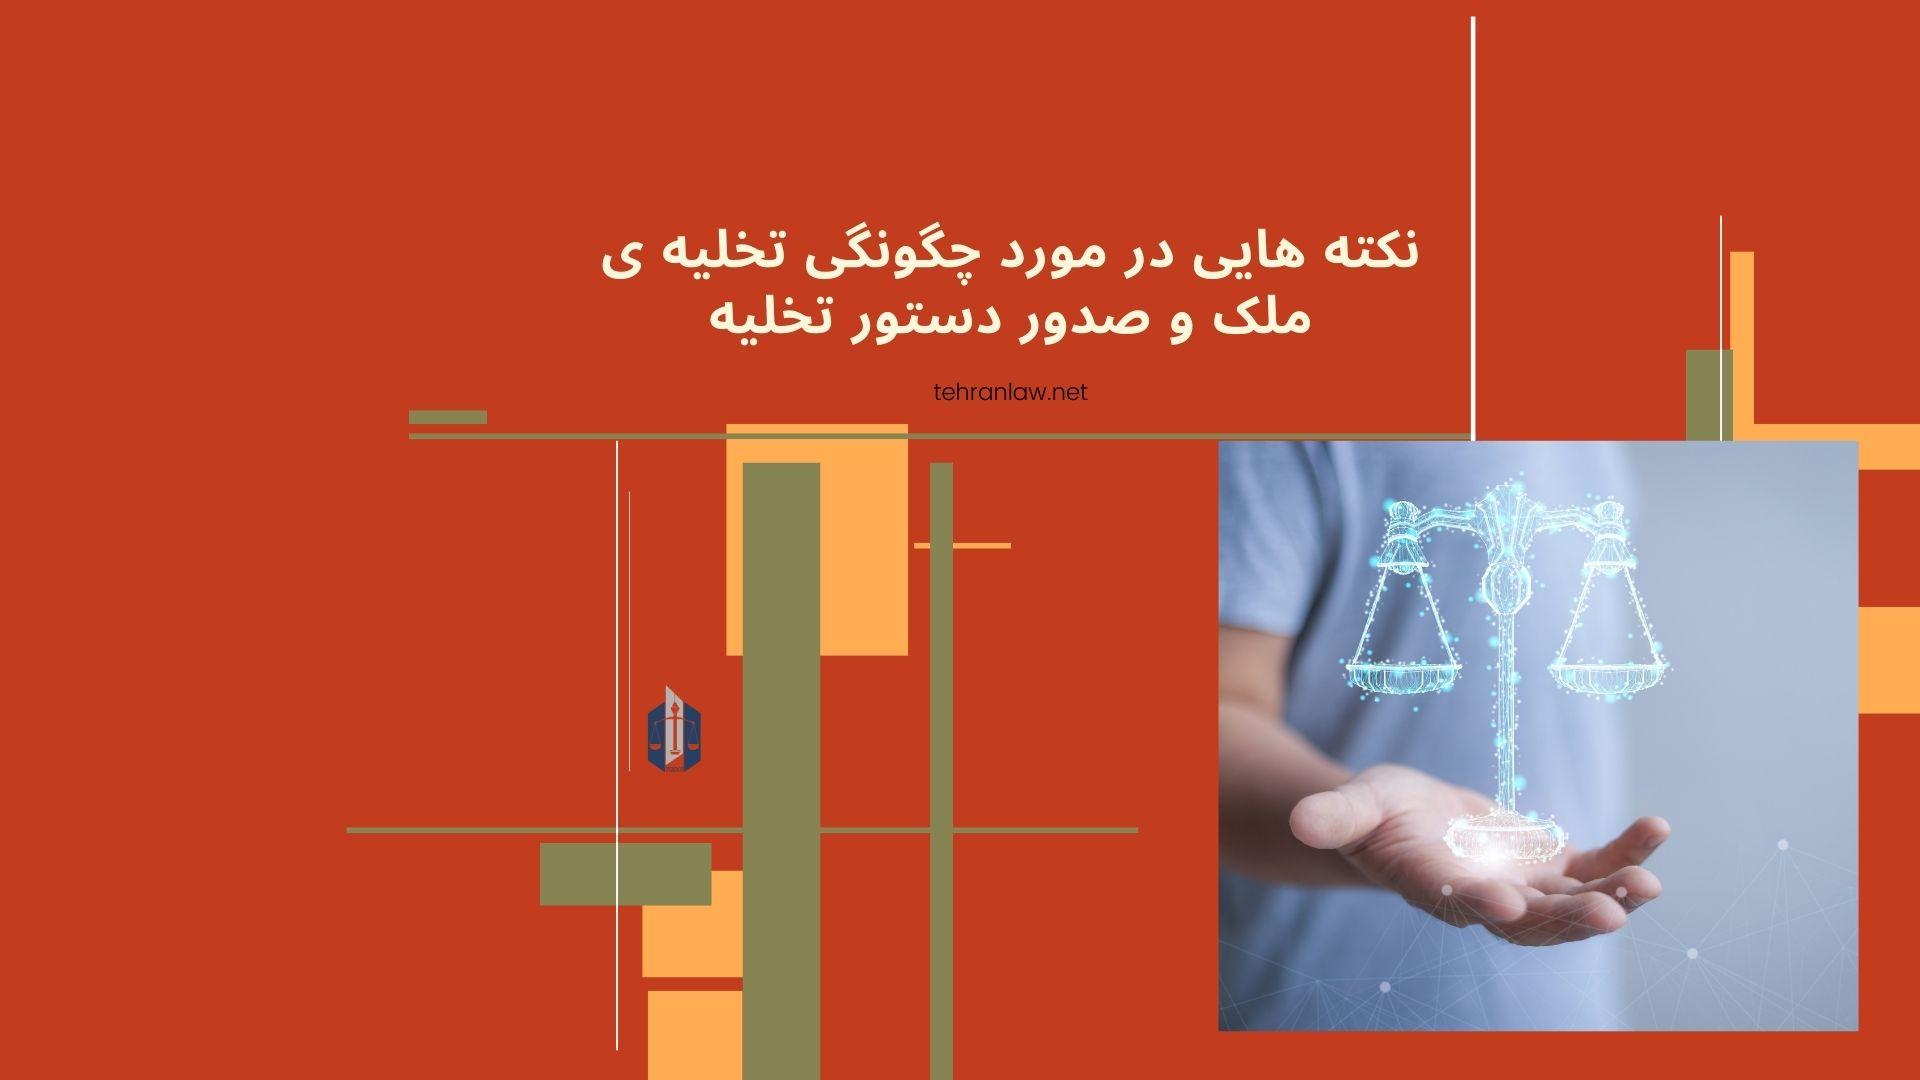 نکته هایی در مورد چگونگی تخلیه ی ملک و صدور دستور تخلیه